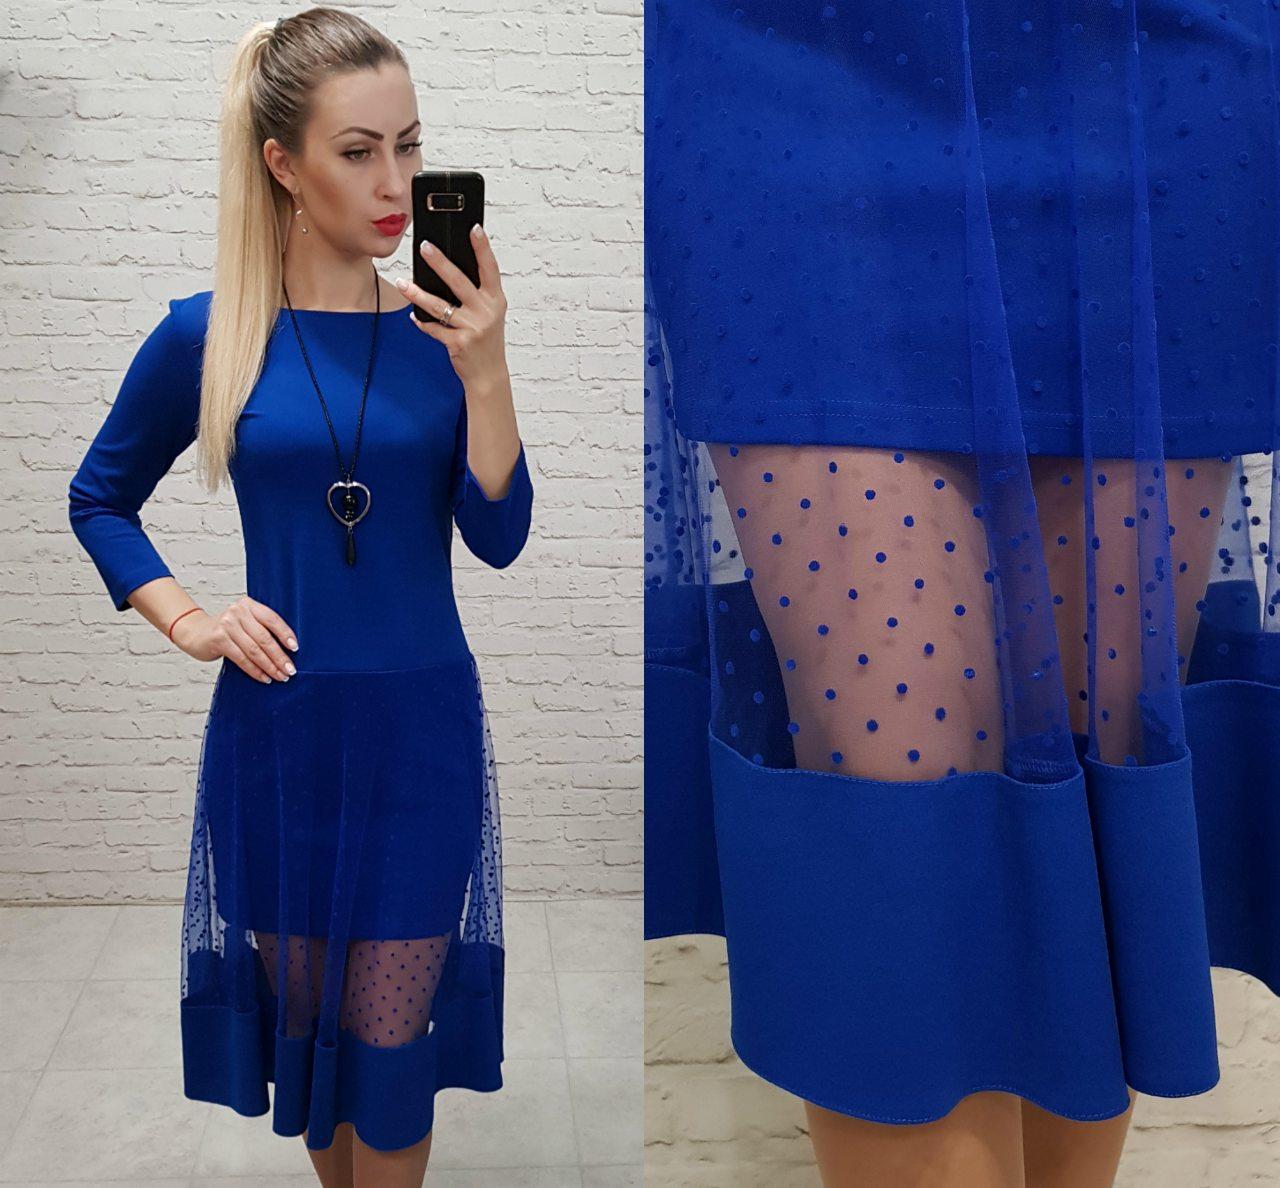 Платье нарядное, креп+сетка, модель 146, цвет - электрик